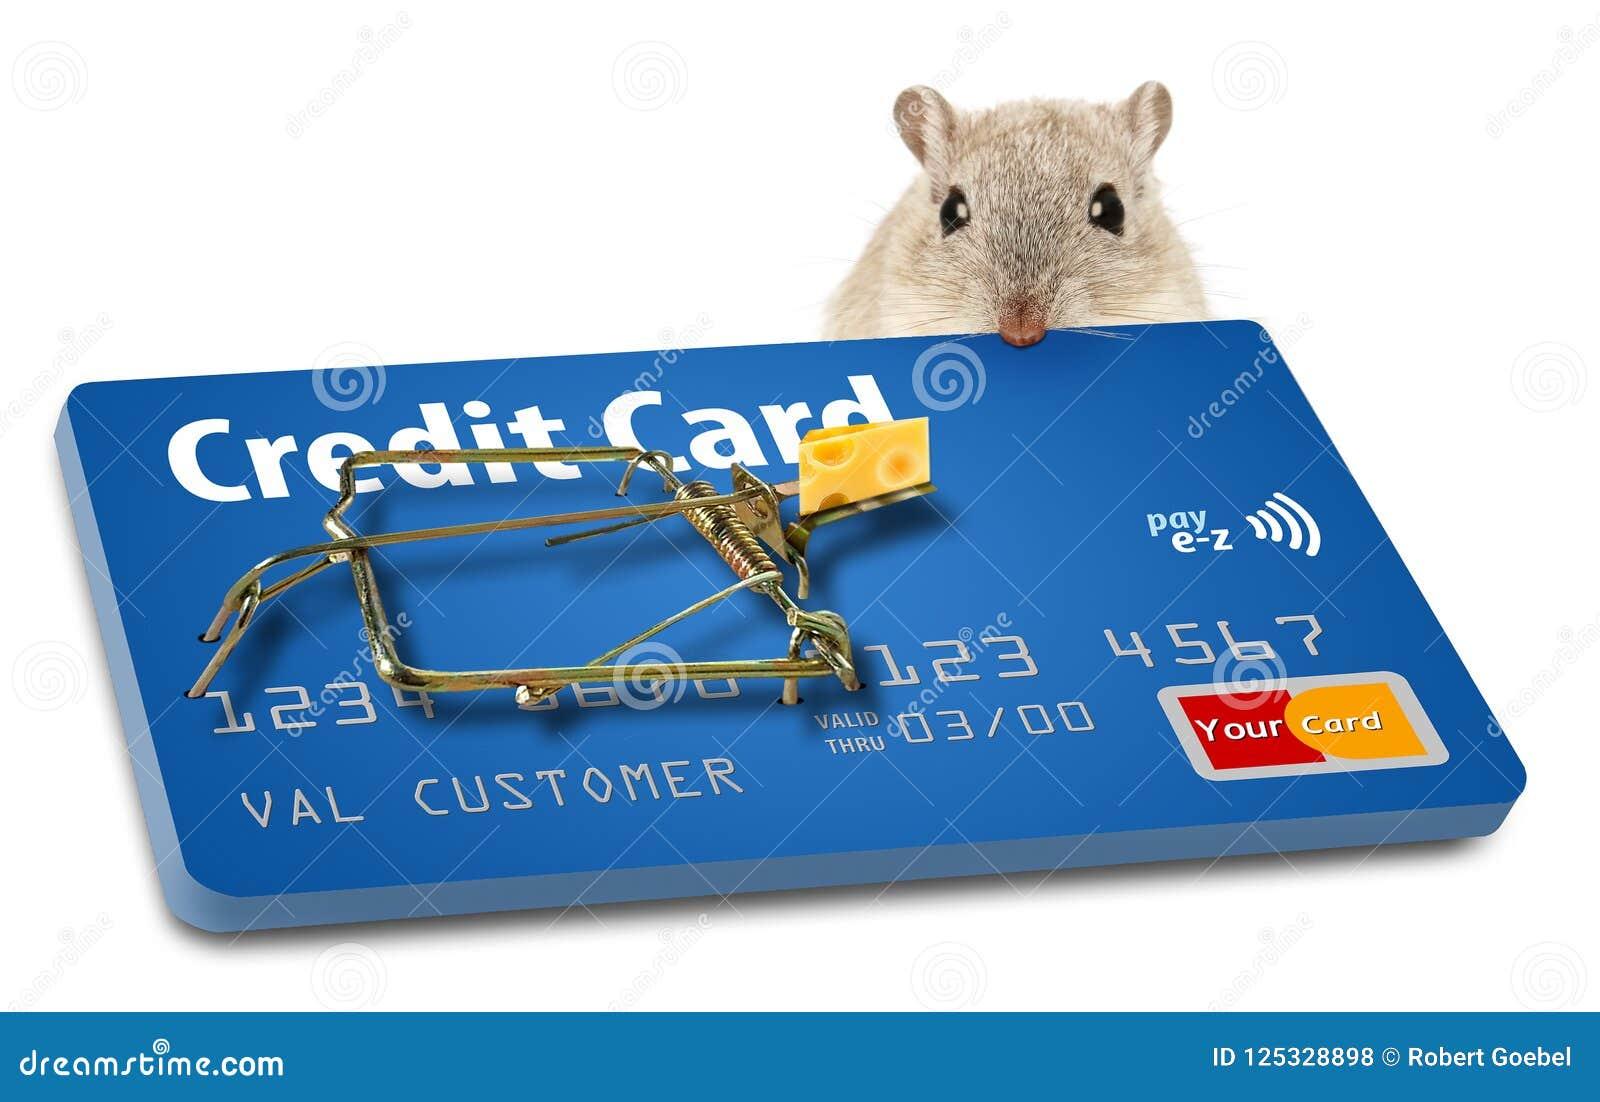 Избегите ловушек кредитной карточки Затравленная мышеловка делает этот пункт